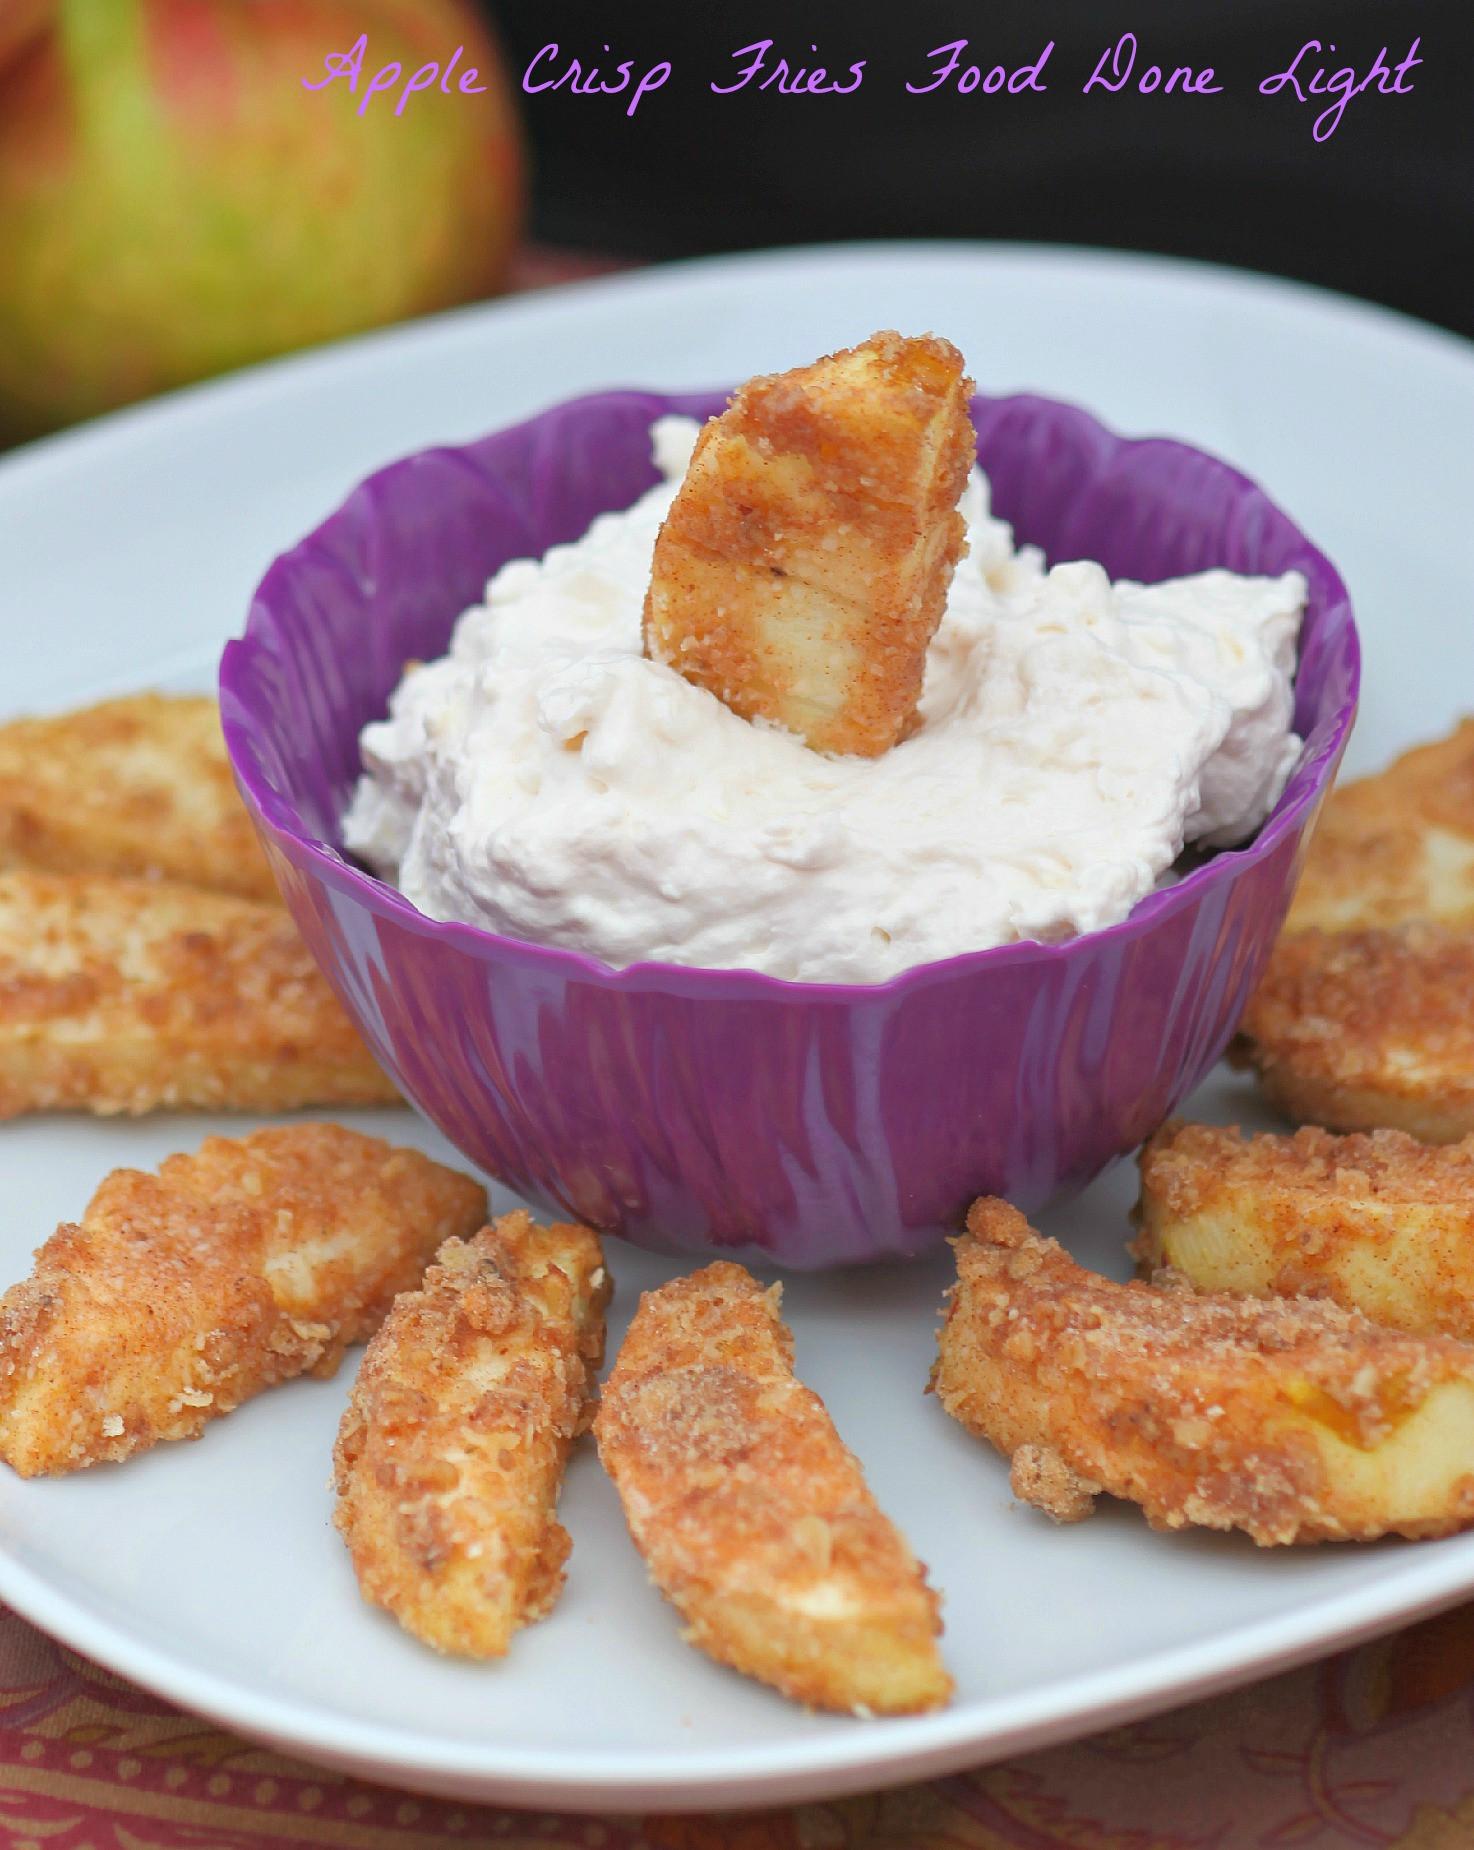 Low Calorie Apple Desserts  Apple Crisp Fries Healthy Low Calorie Food Done Light